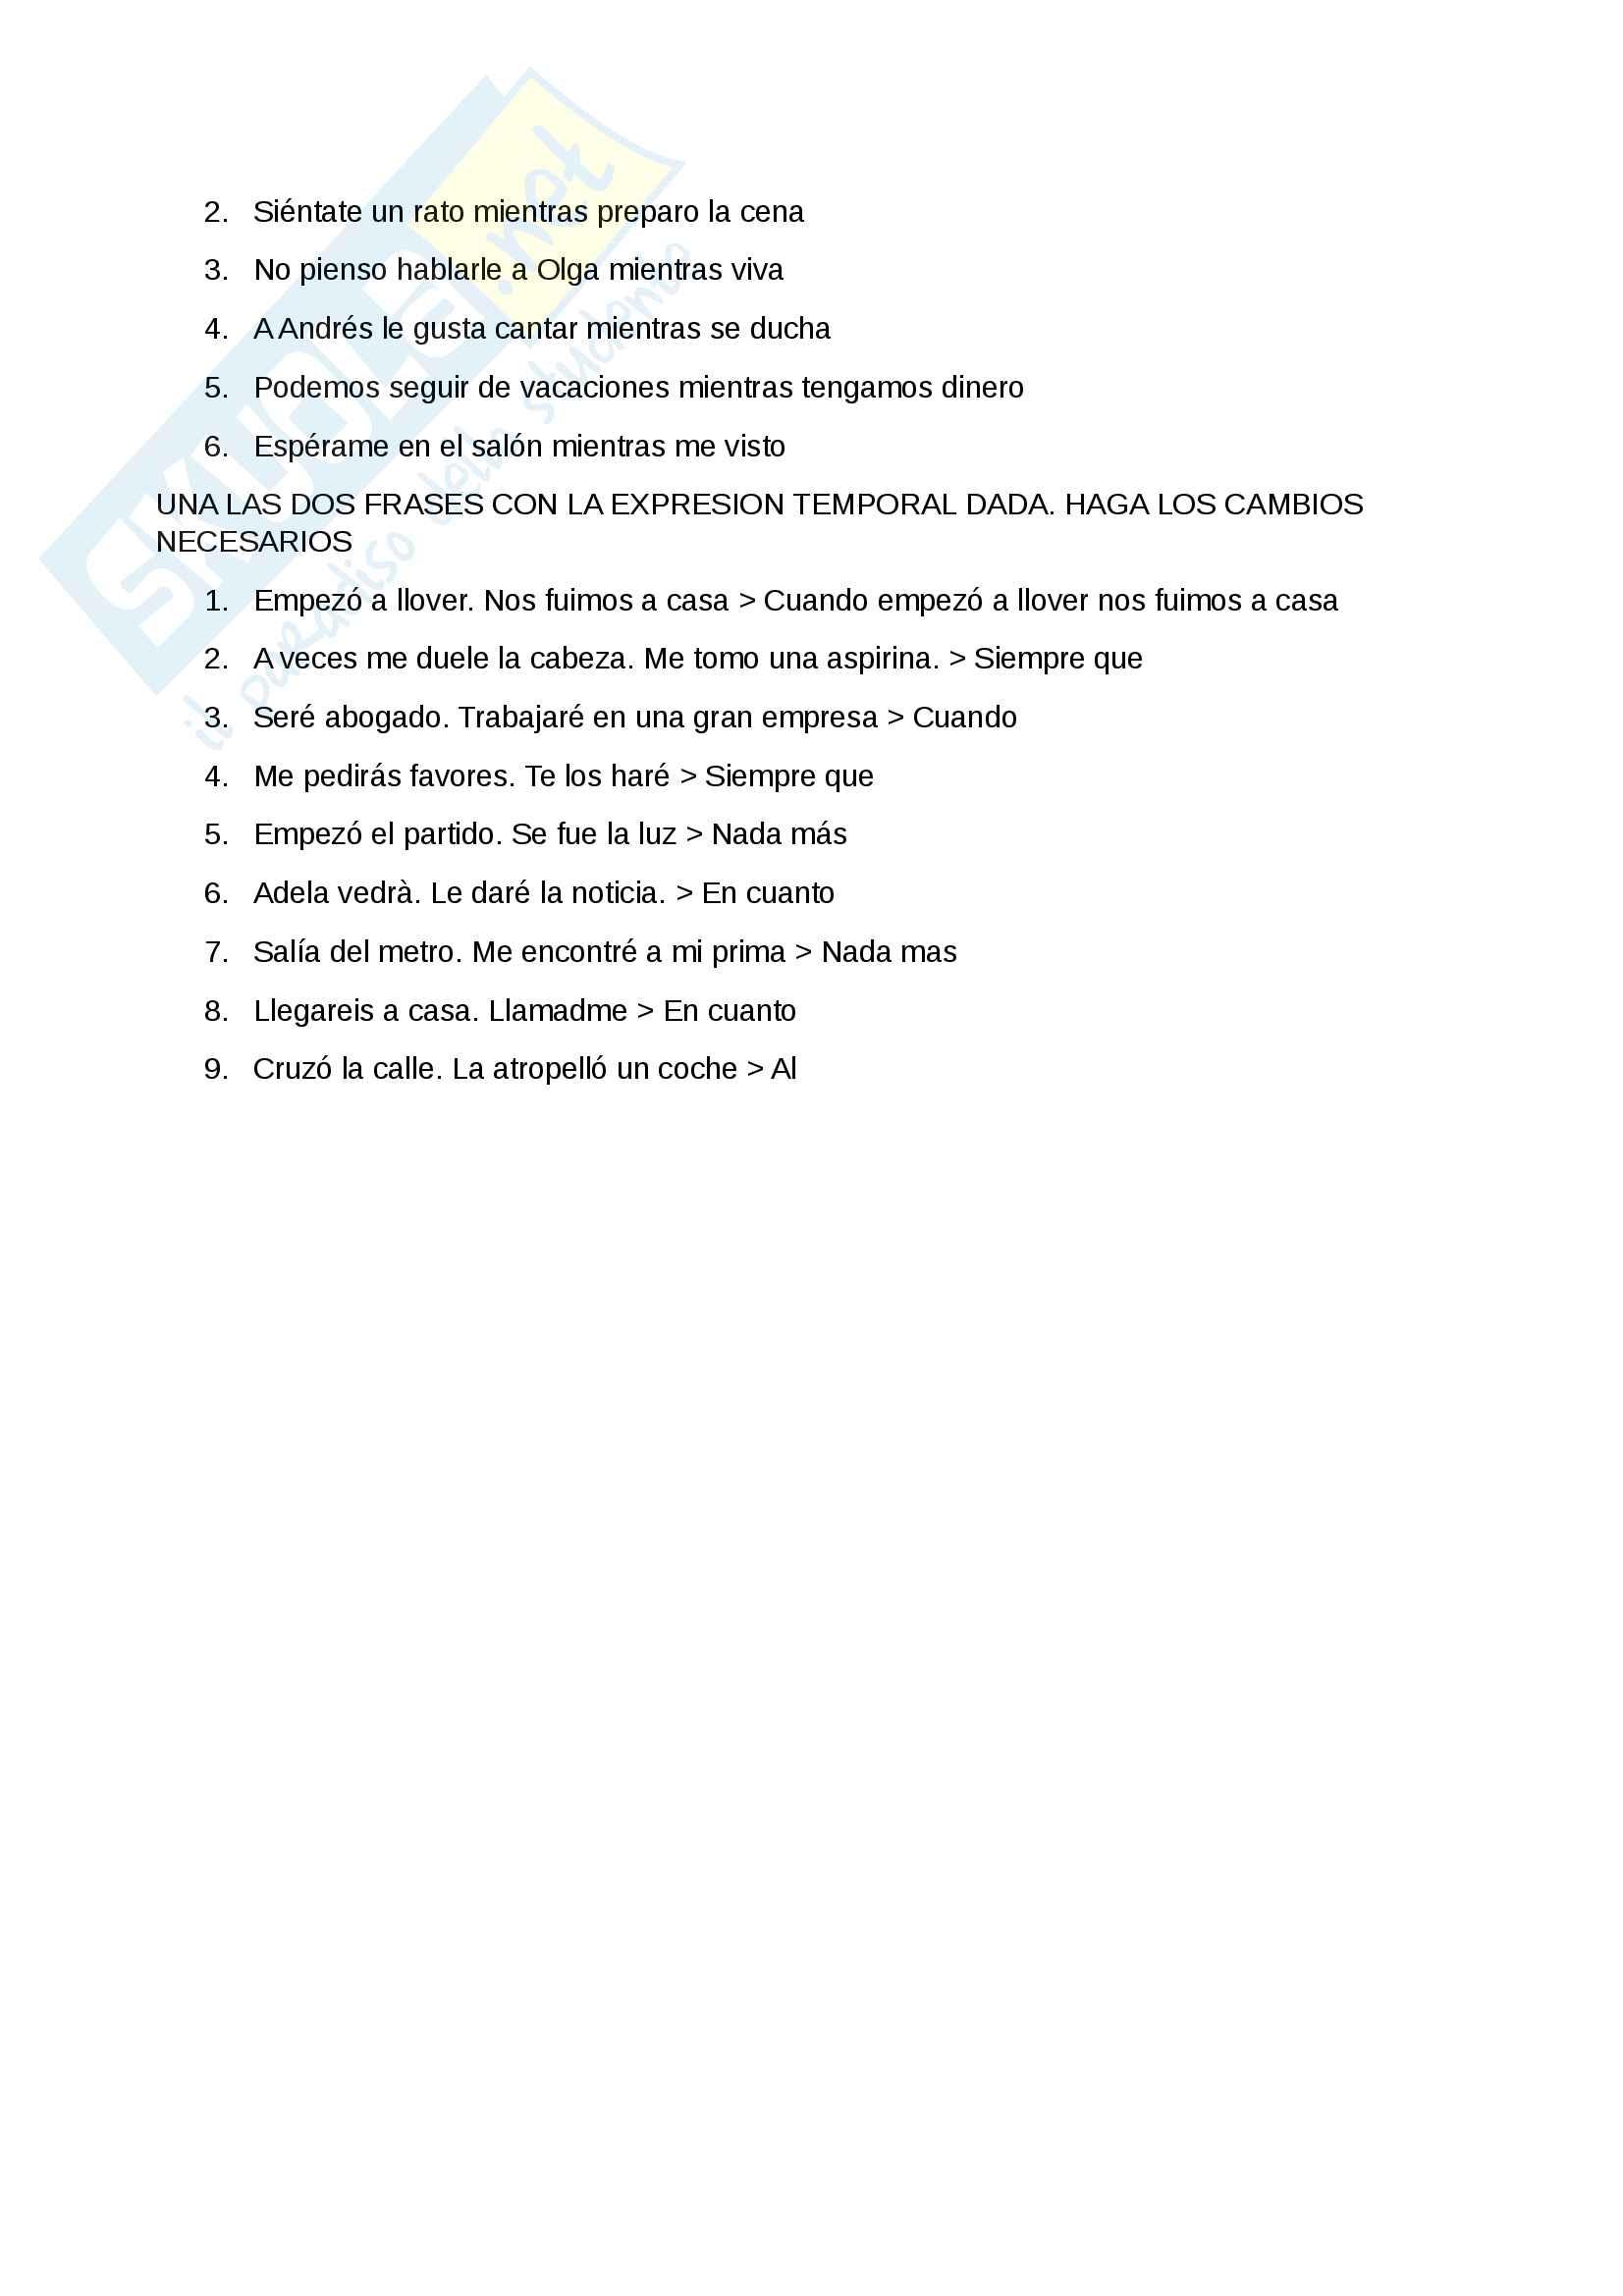 Appunti di Spagnolo 2 Pag. 6